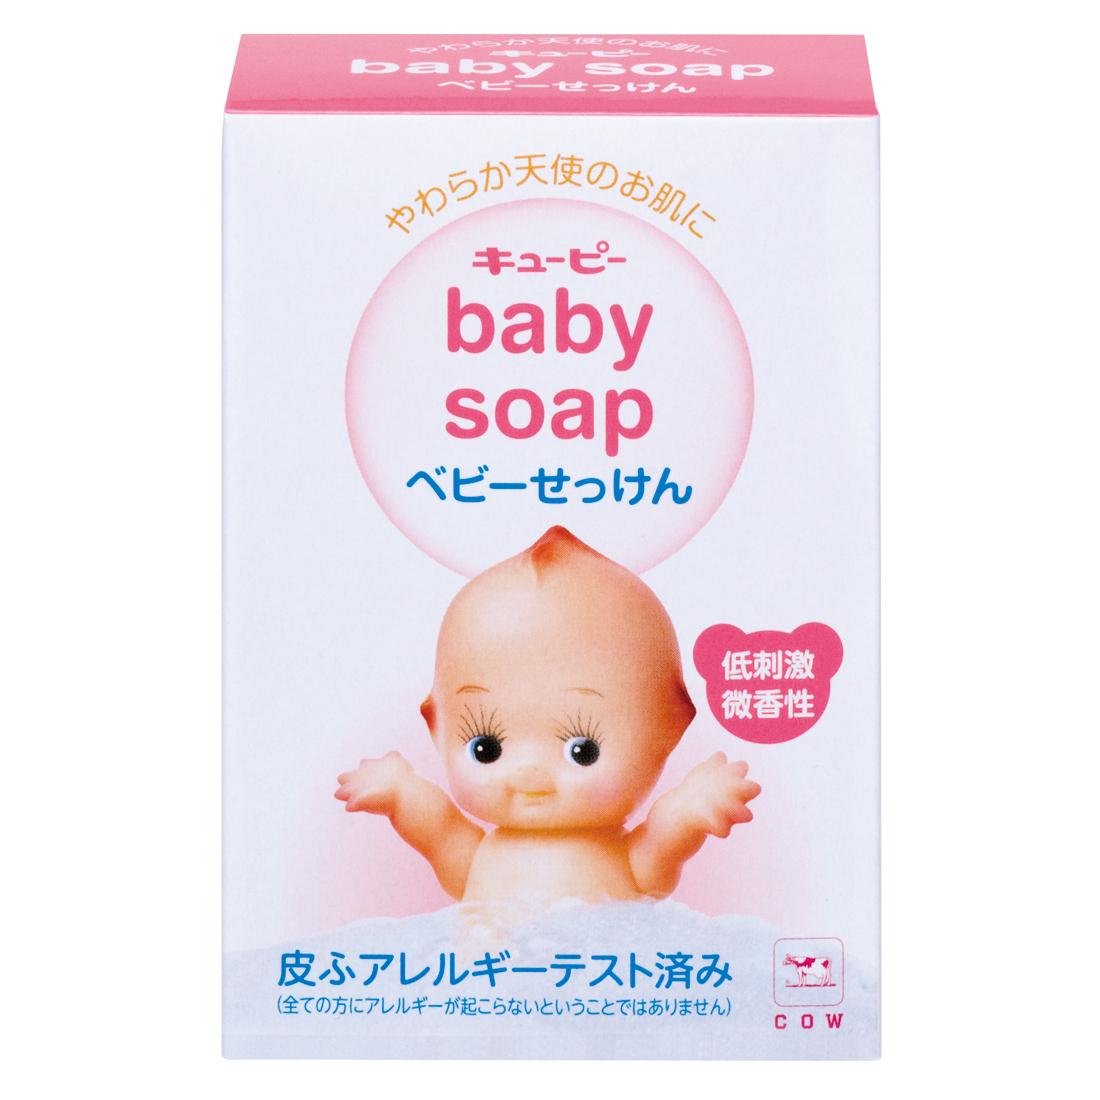 牛乳石鹸 キューピー 牛乳 マイルドベビー 石鹸 入替用 90g ×144個セット